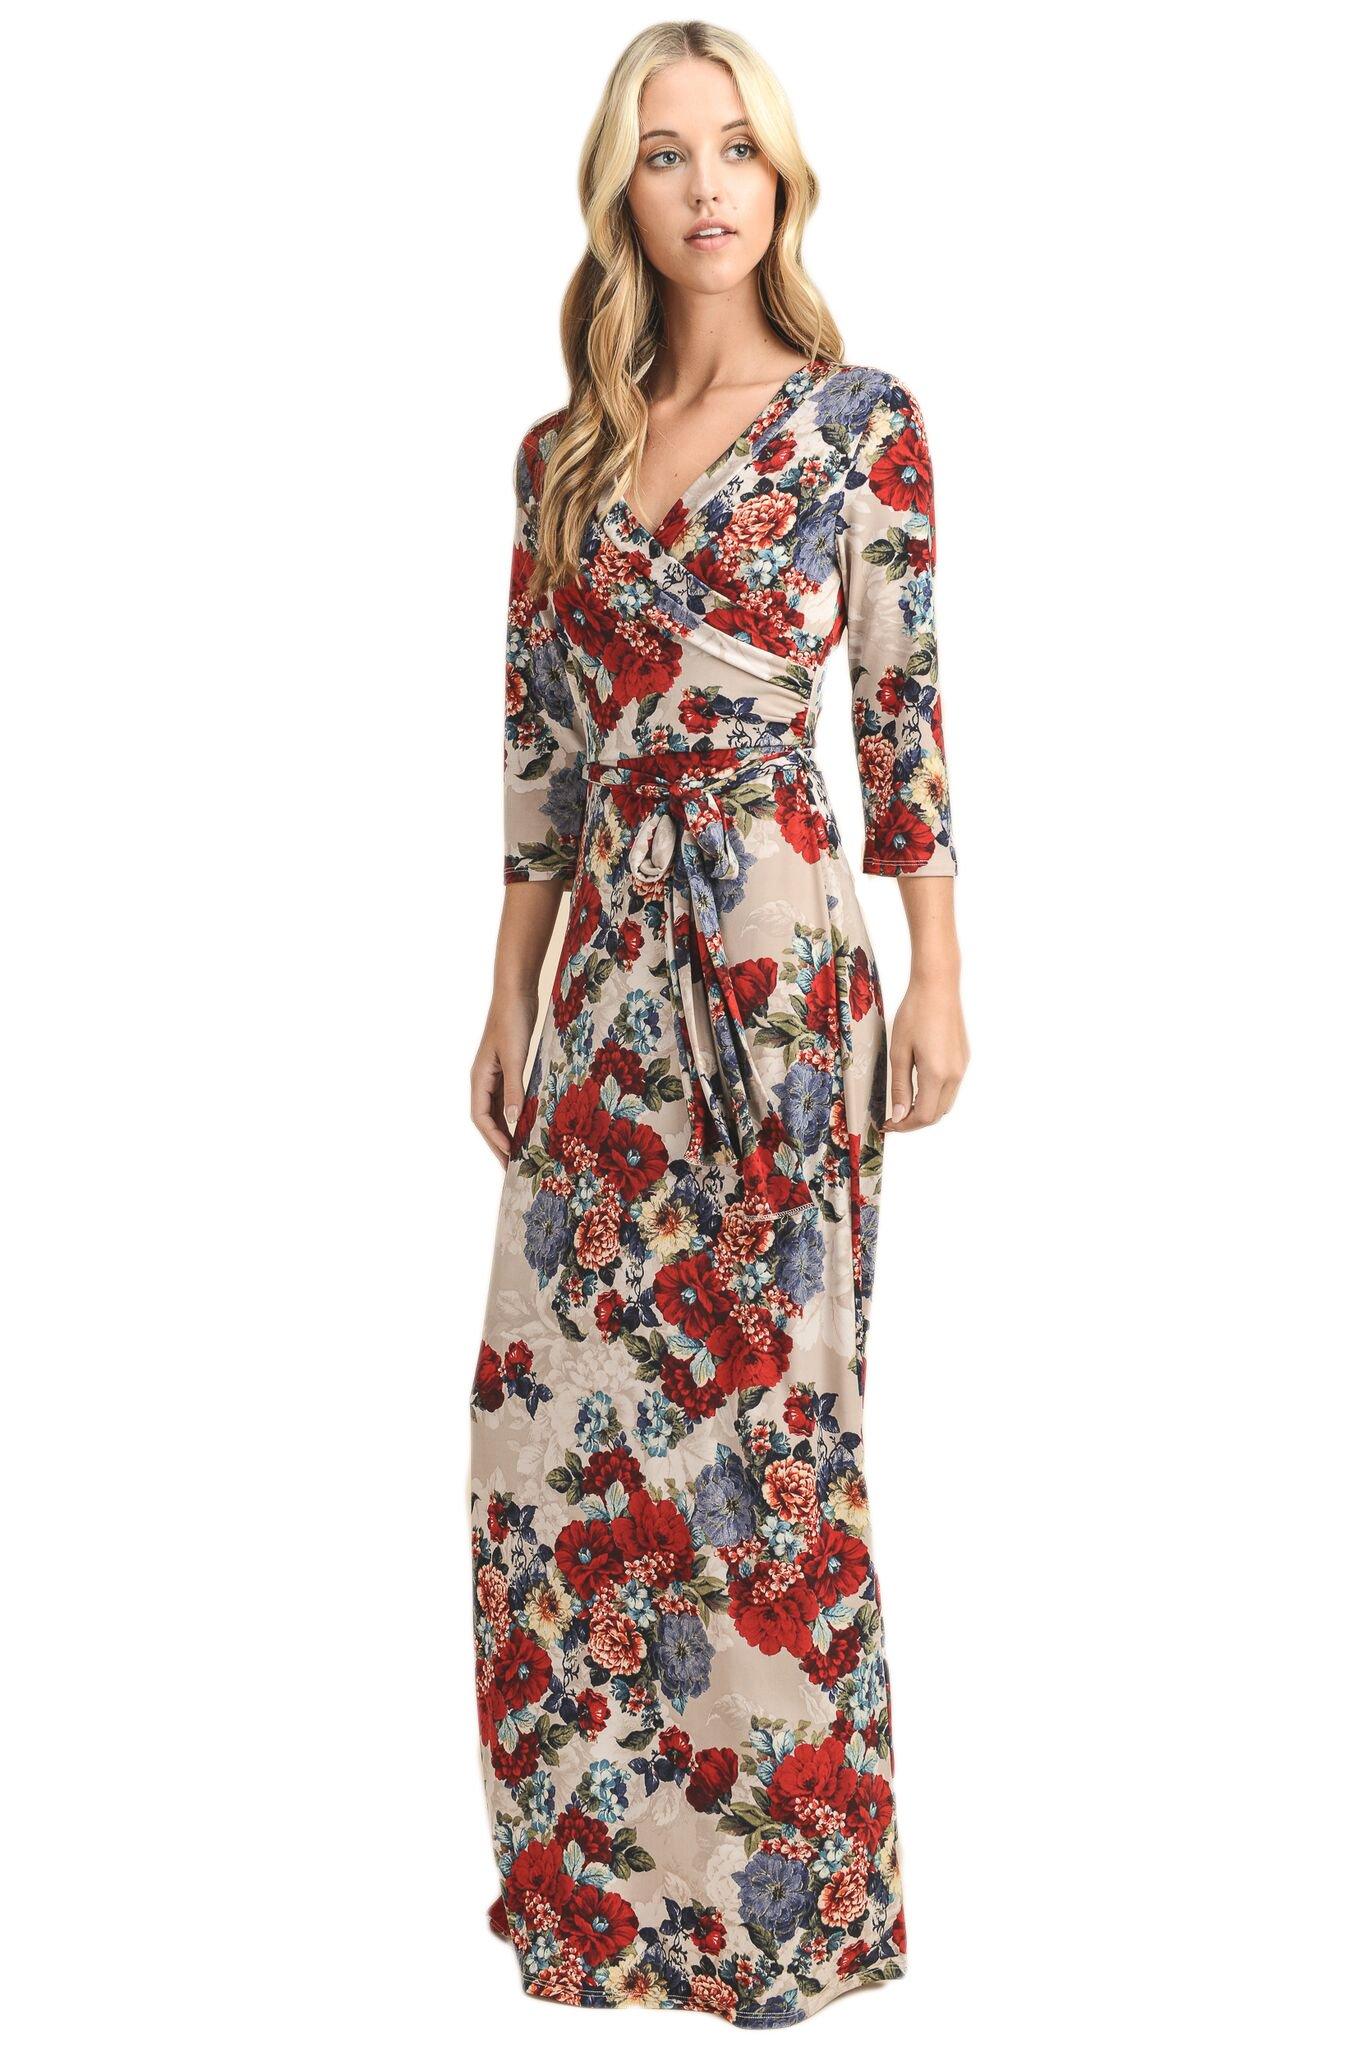 Available at Amazon: Vanilla Bay Full Length Wrap Maxi Dress